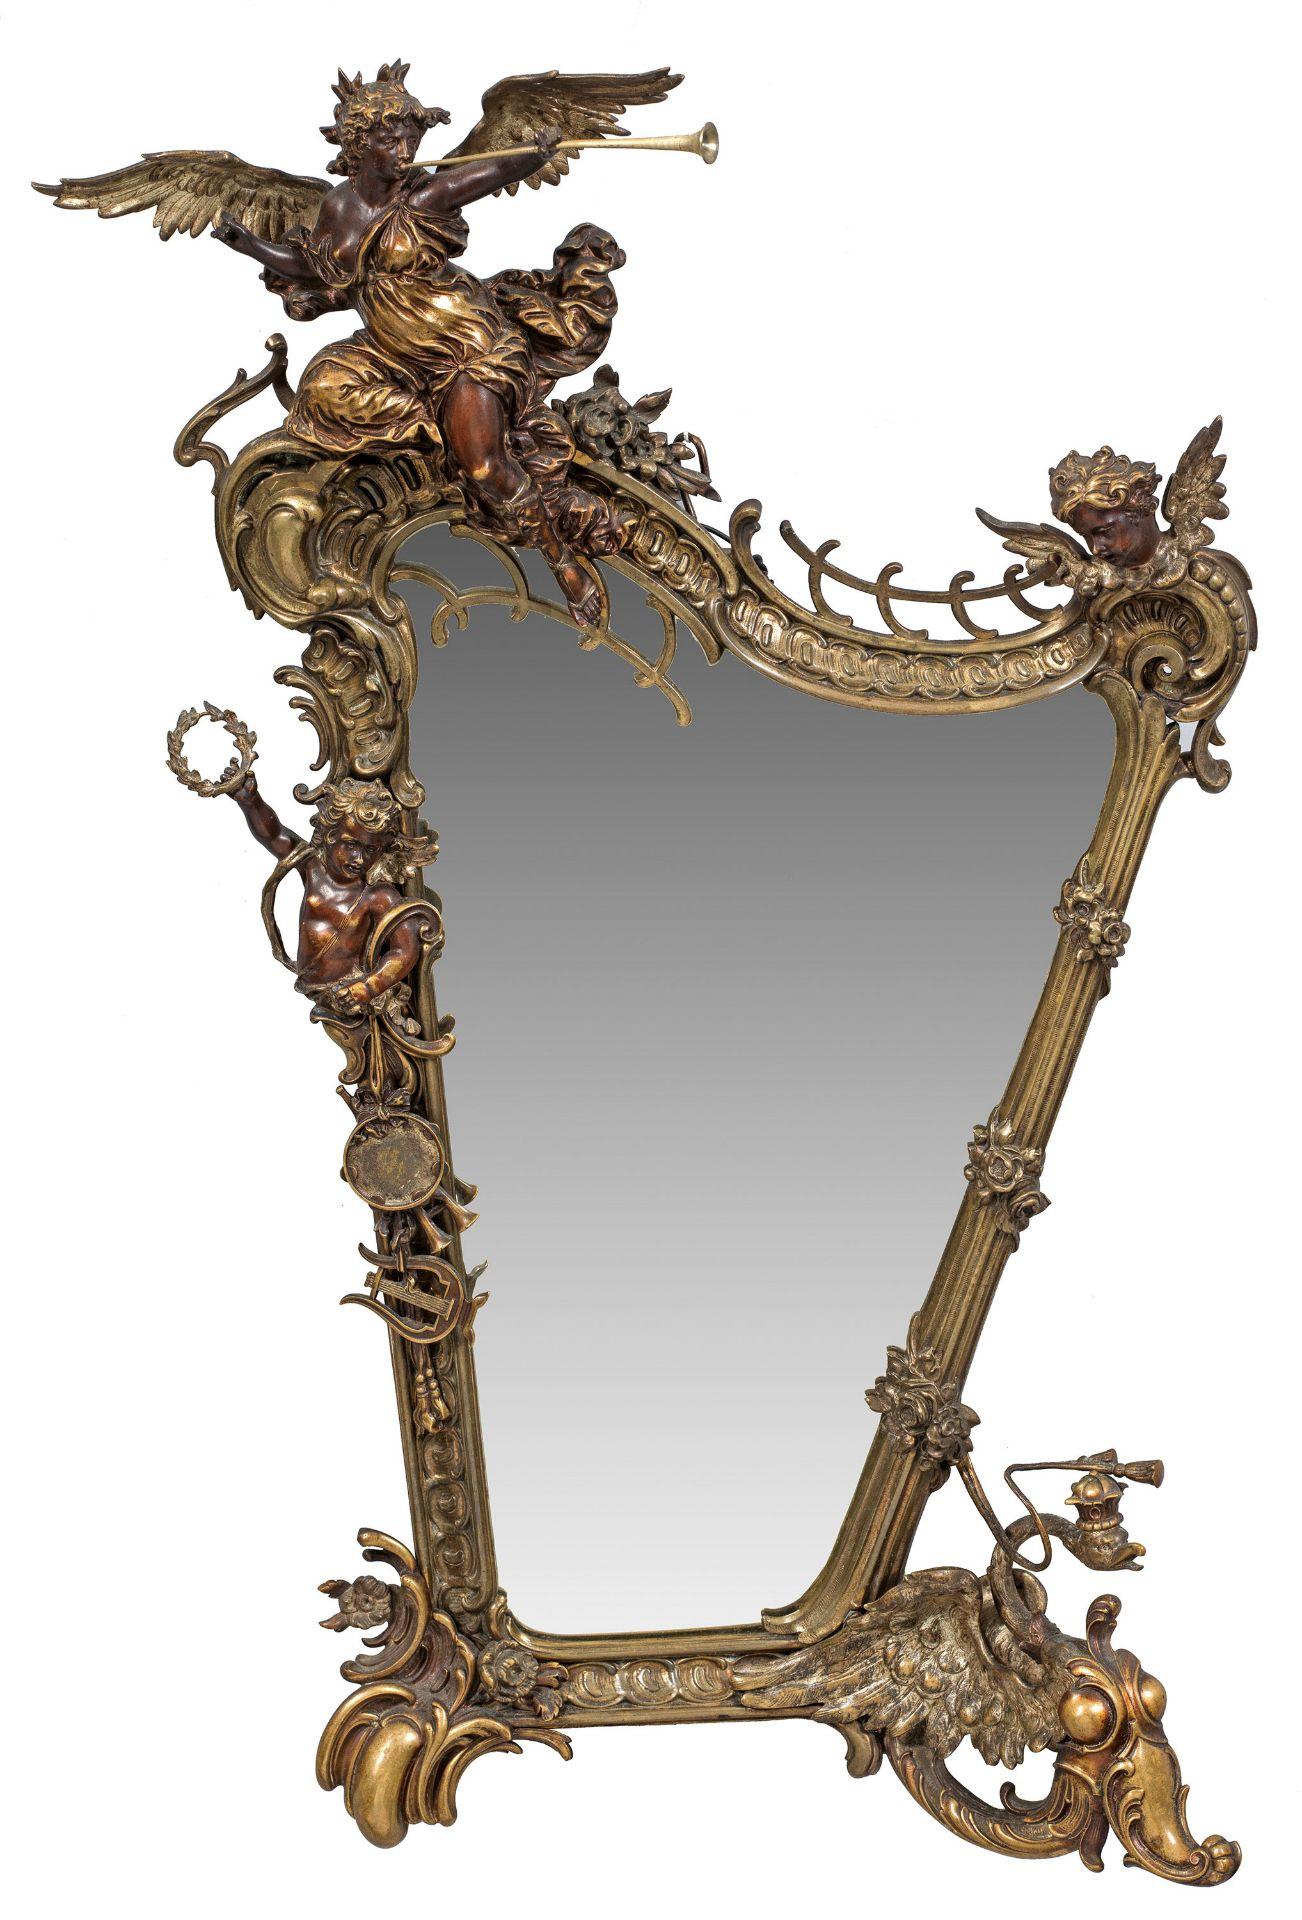 Prachtvoller Belle Epoque-Spiegel